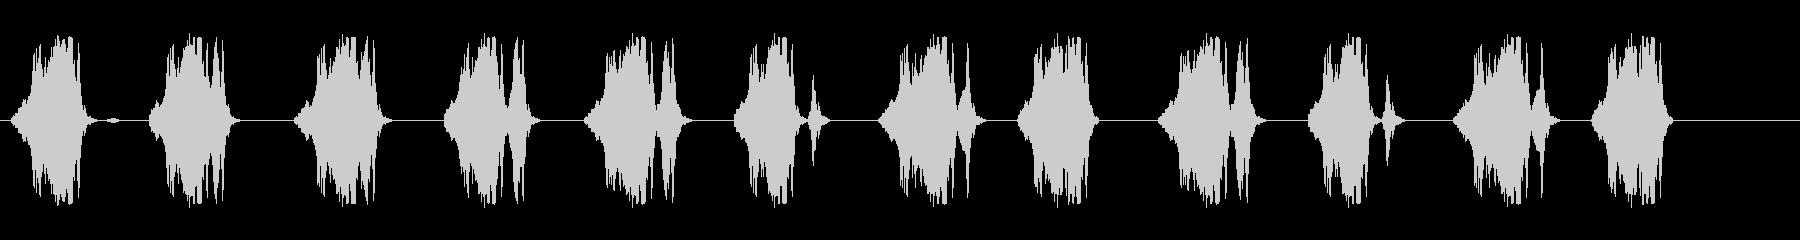 キュキュキュ(何かが歩いている音)の未再生の波形